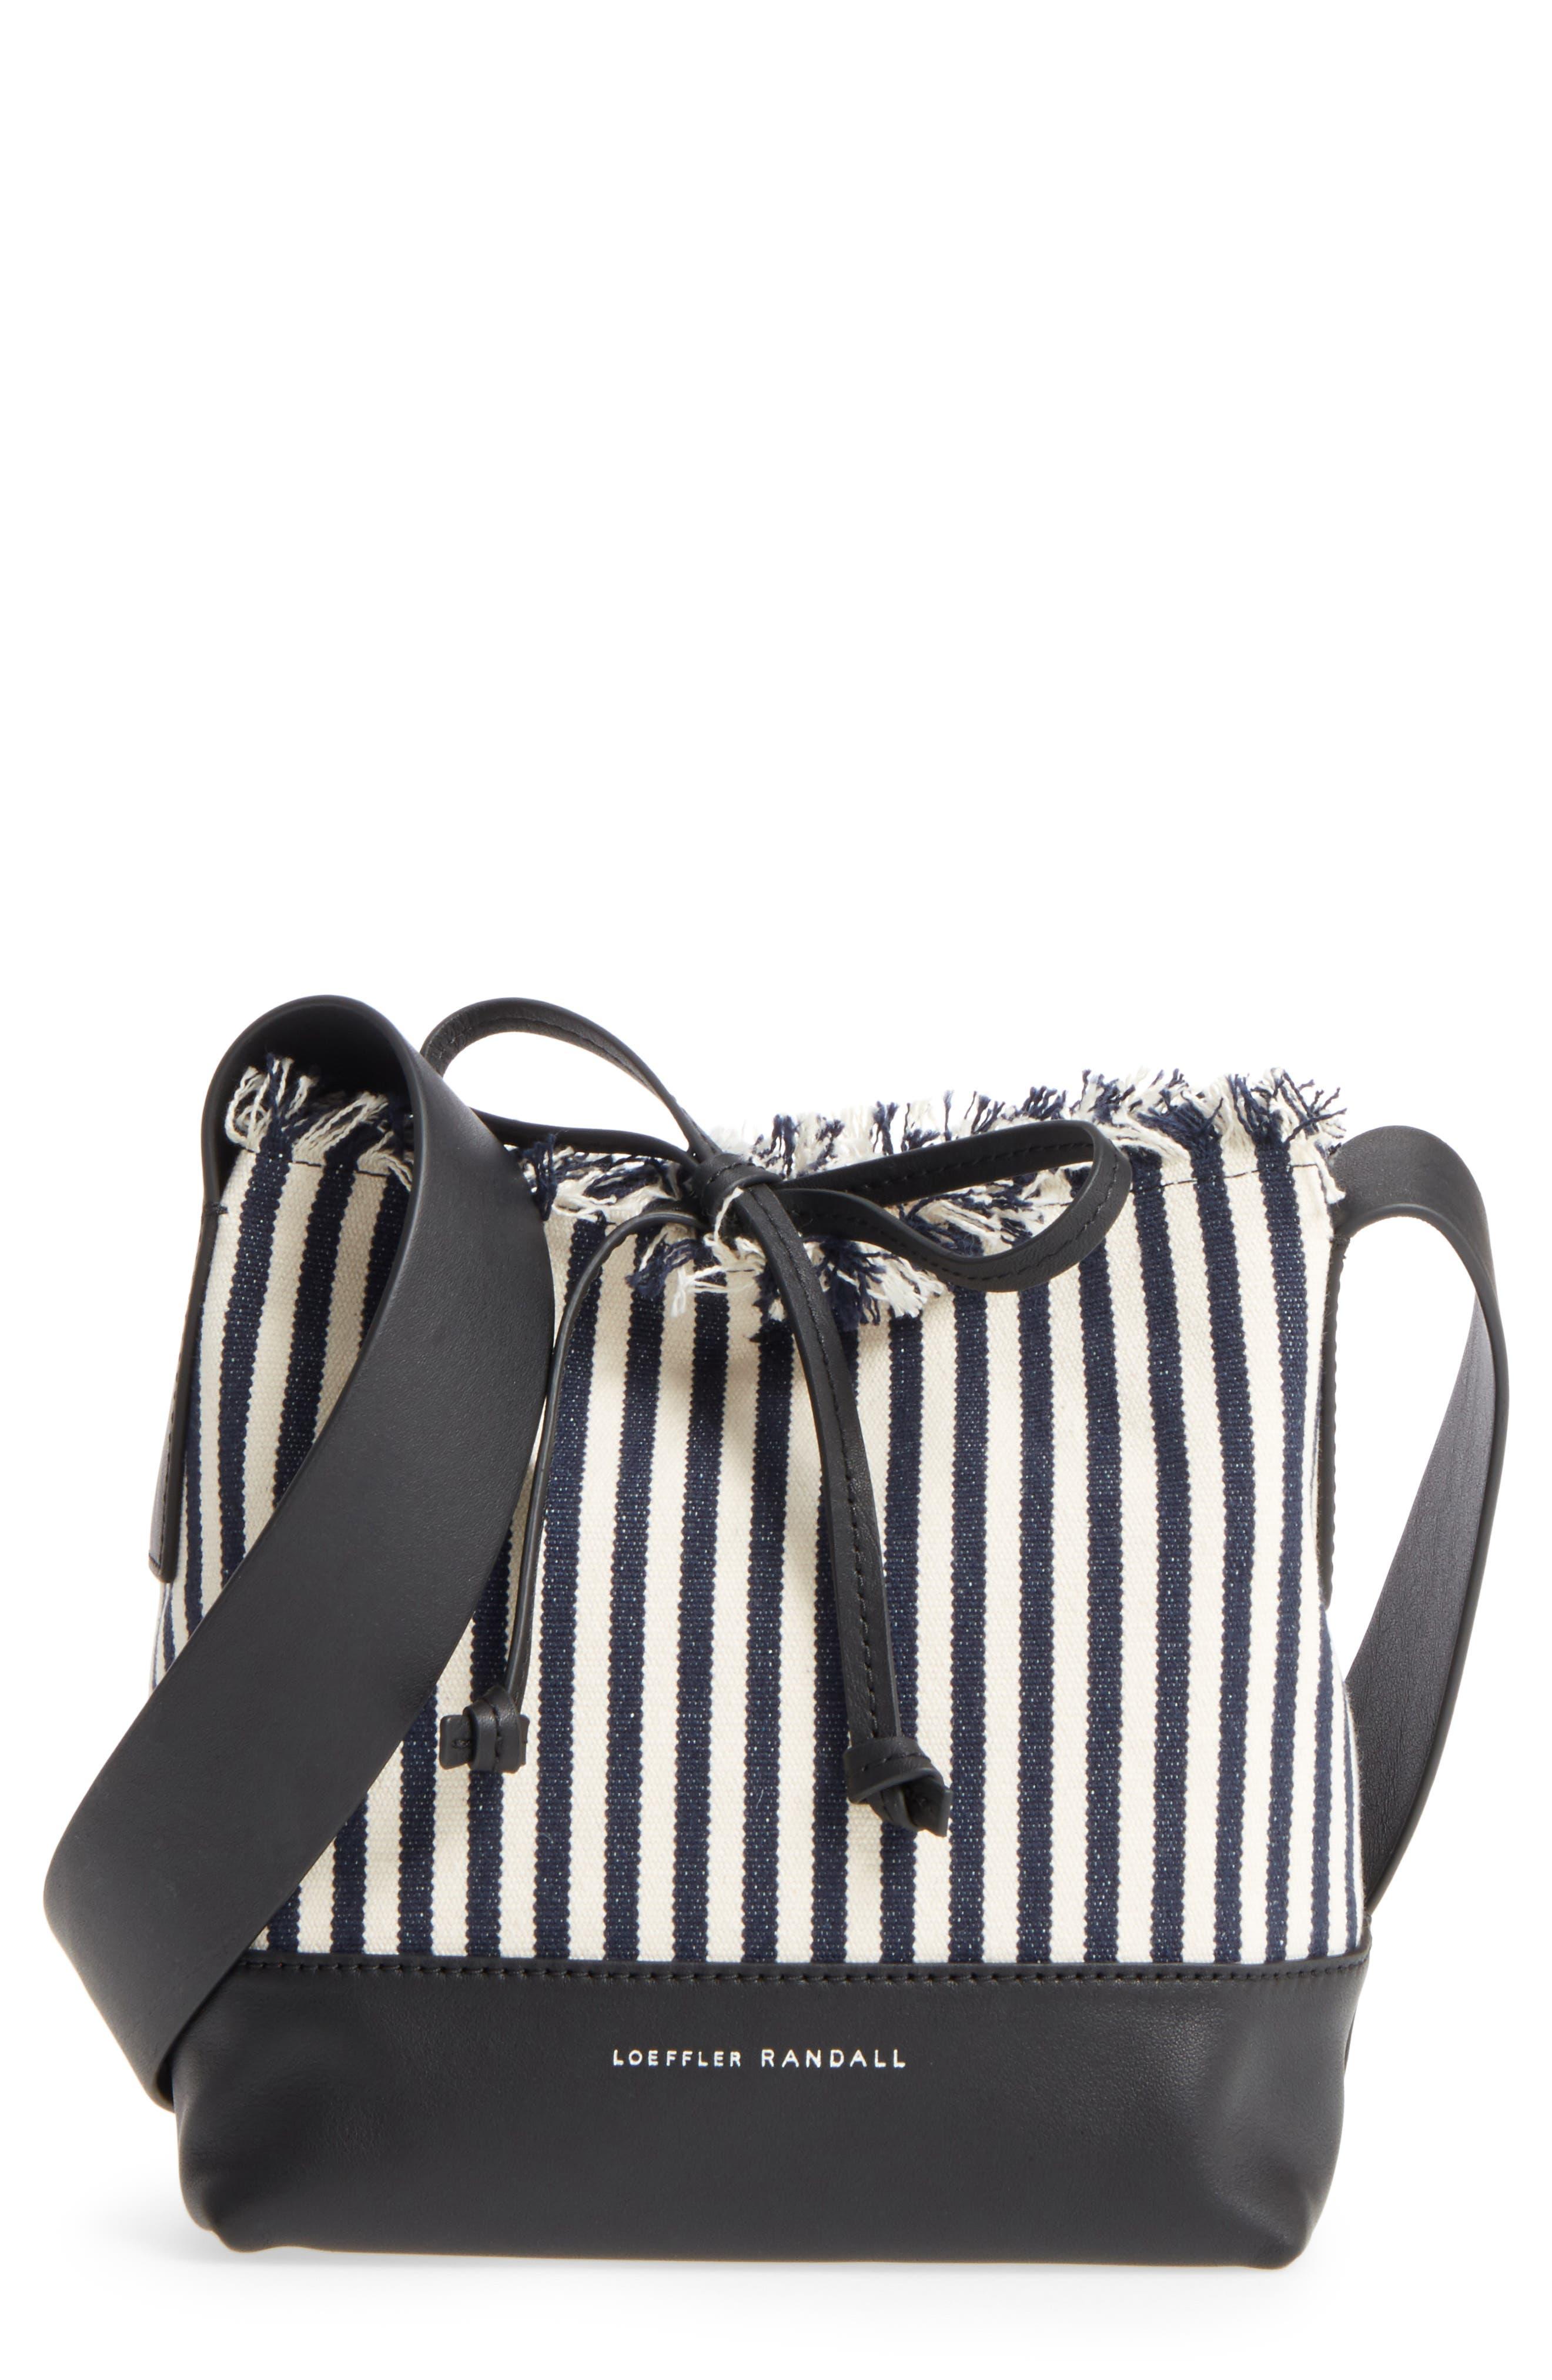 Loeffler Randall Crossbody Bucket Bag